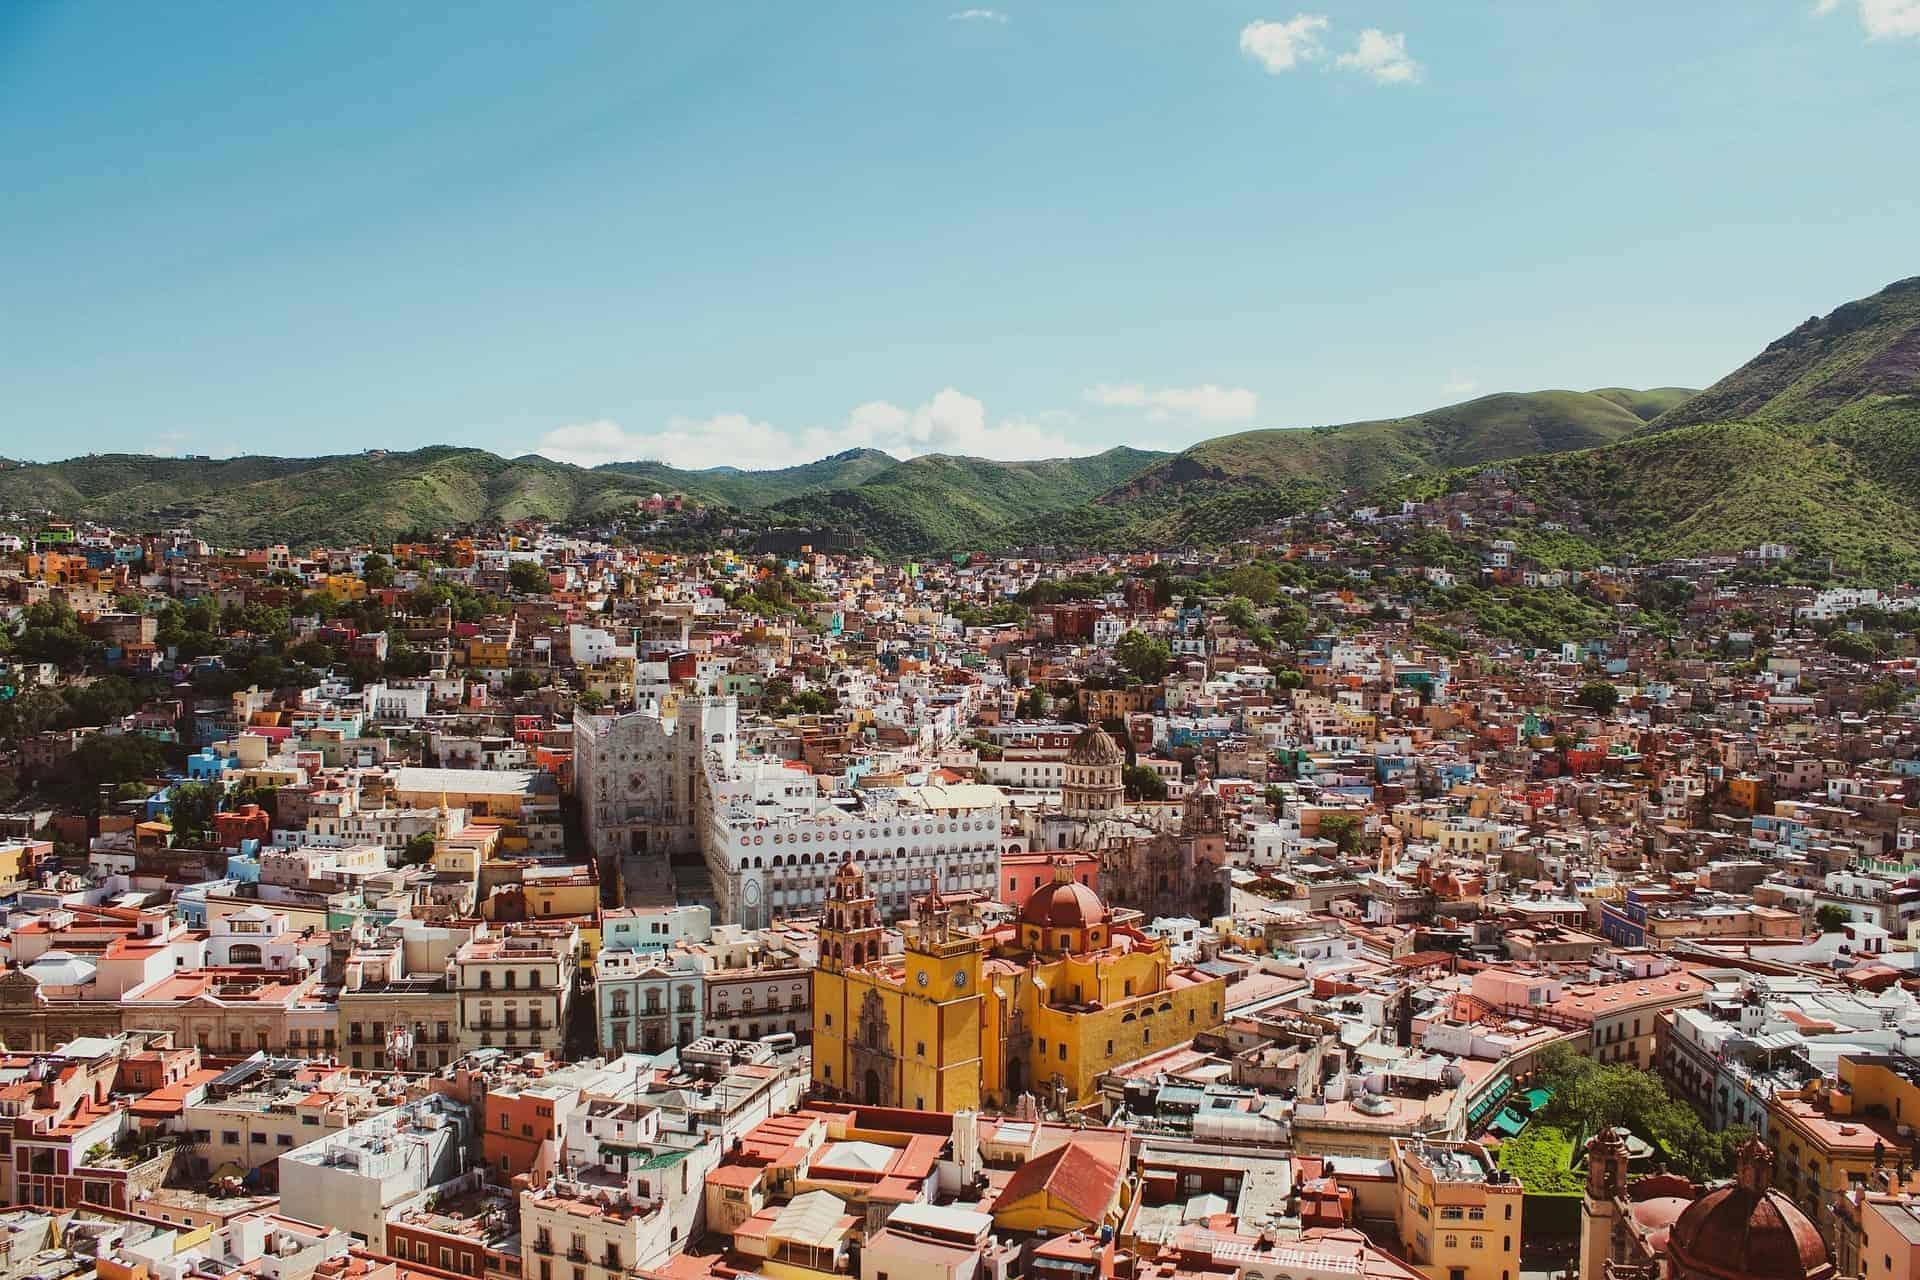 Guanajuato, a city in central Mexico.